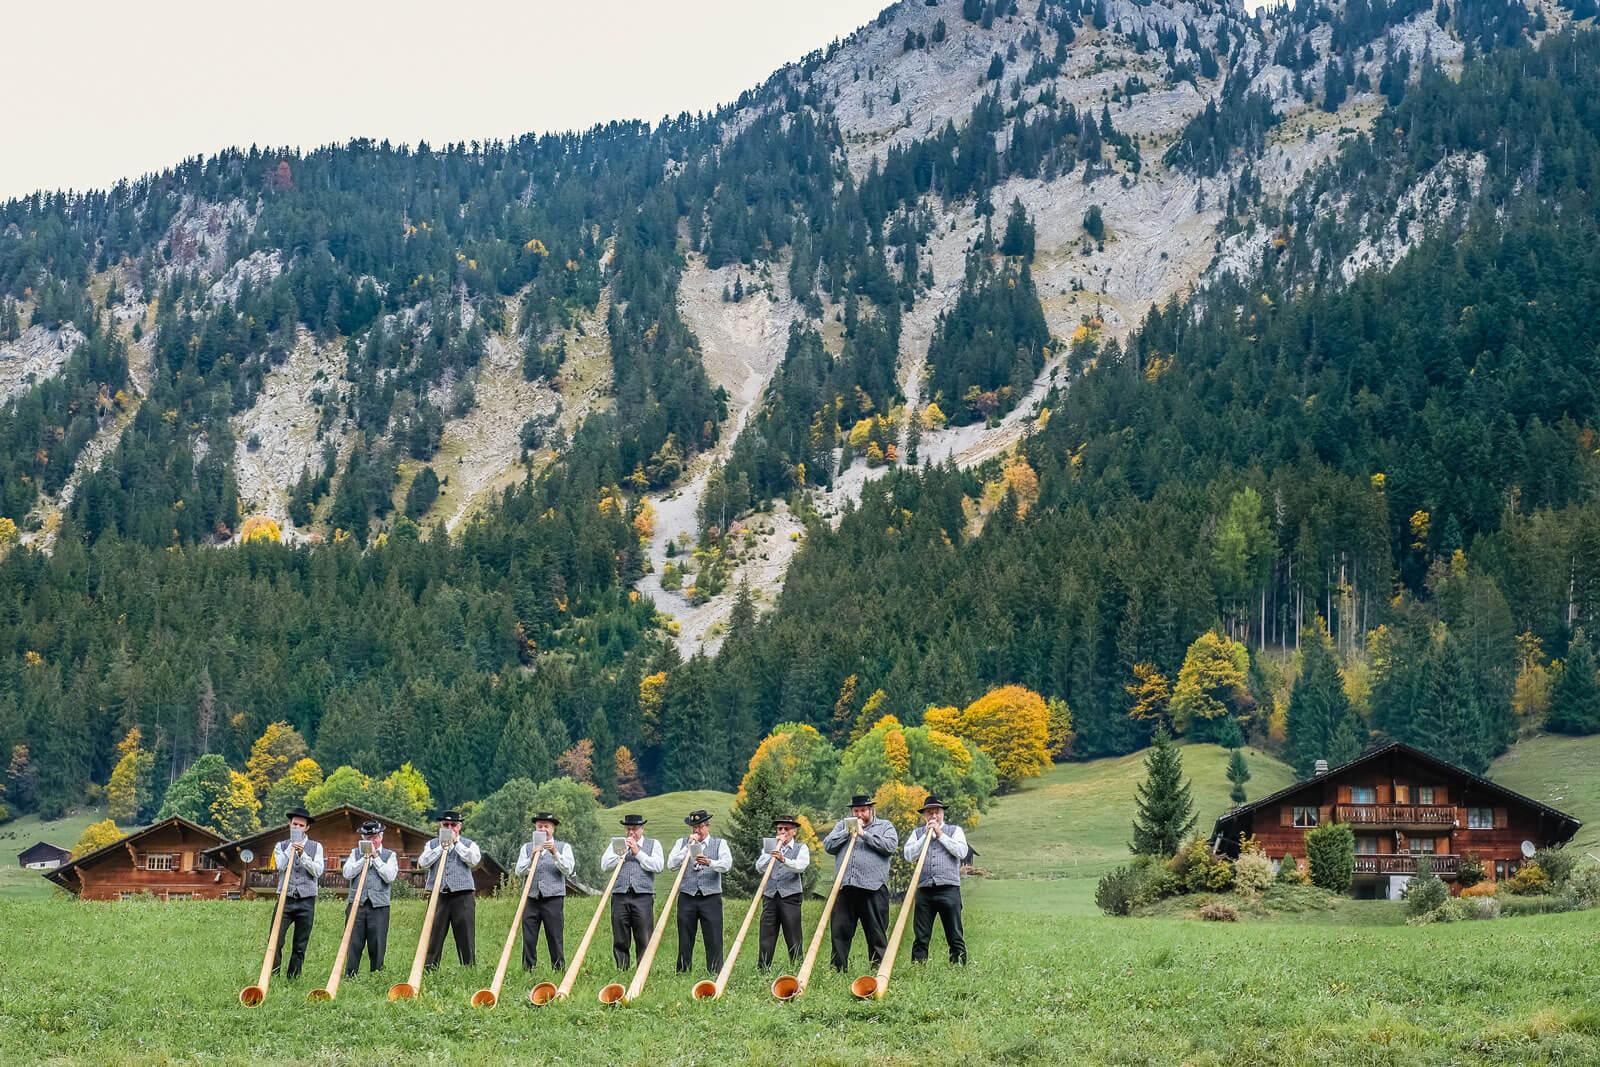 Alphorn Players in Switzerland